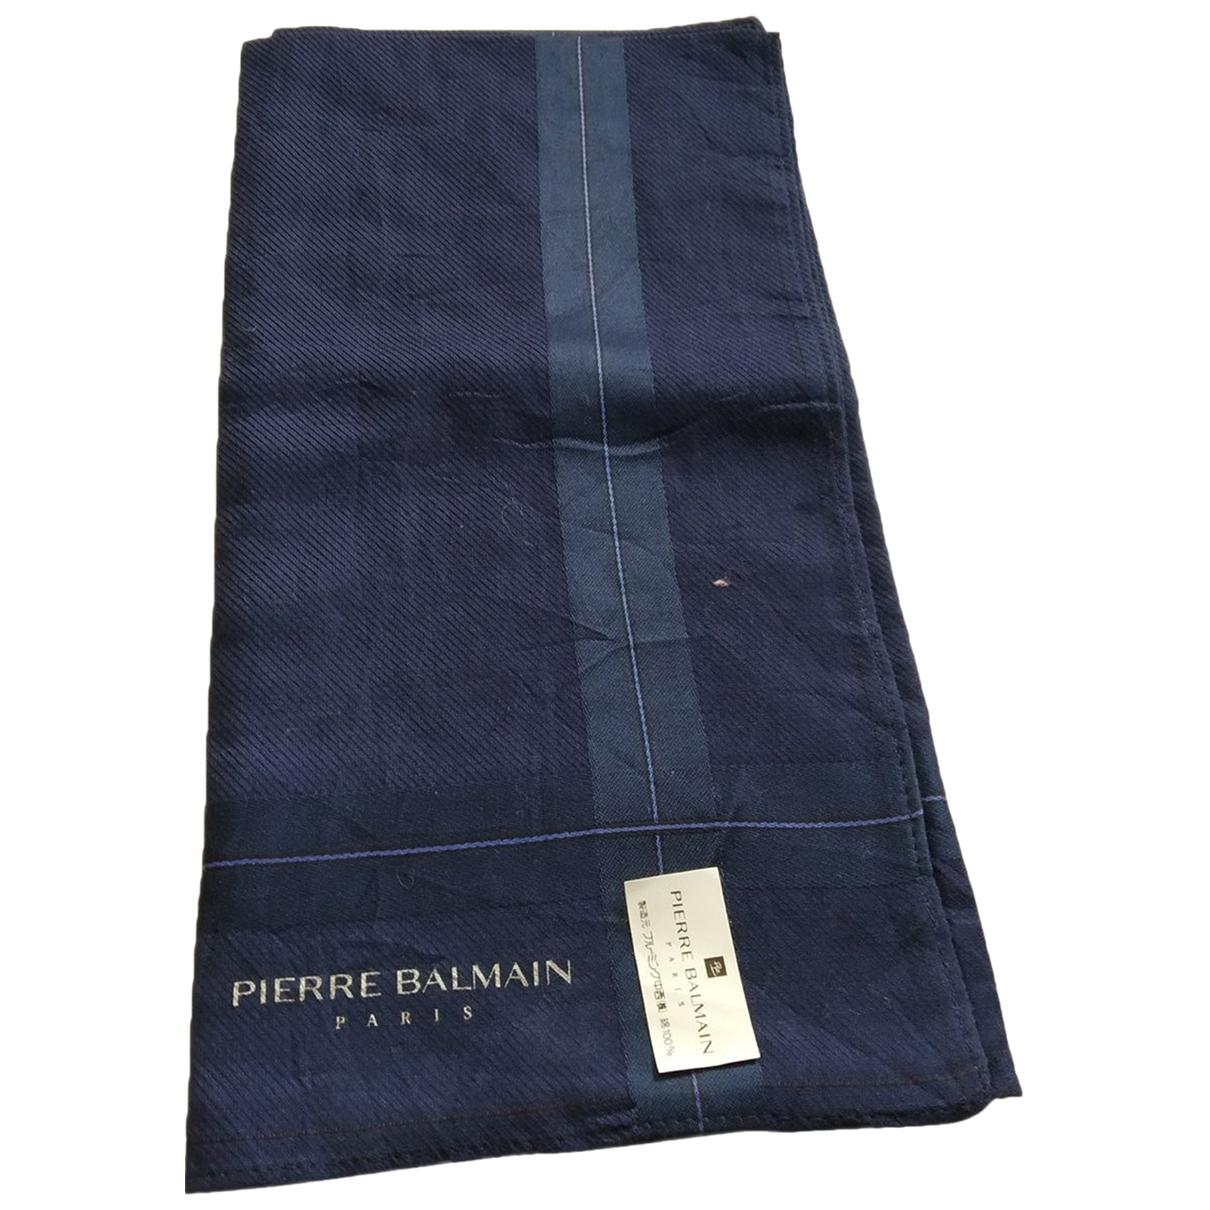 Pierre Balmain - Cheches.Echarpes   pour homme en coton - bleu